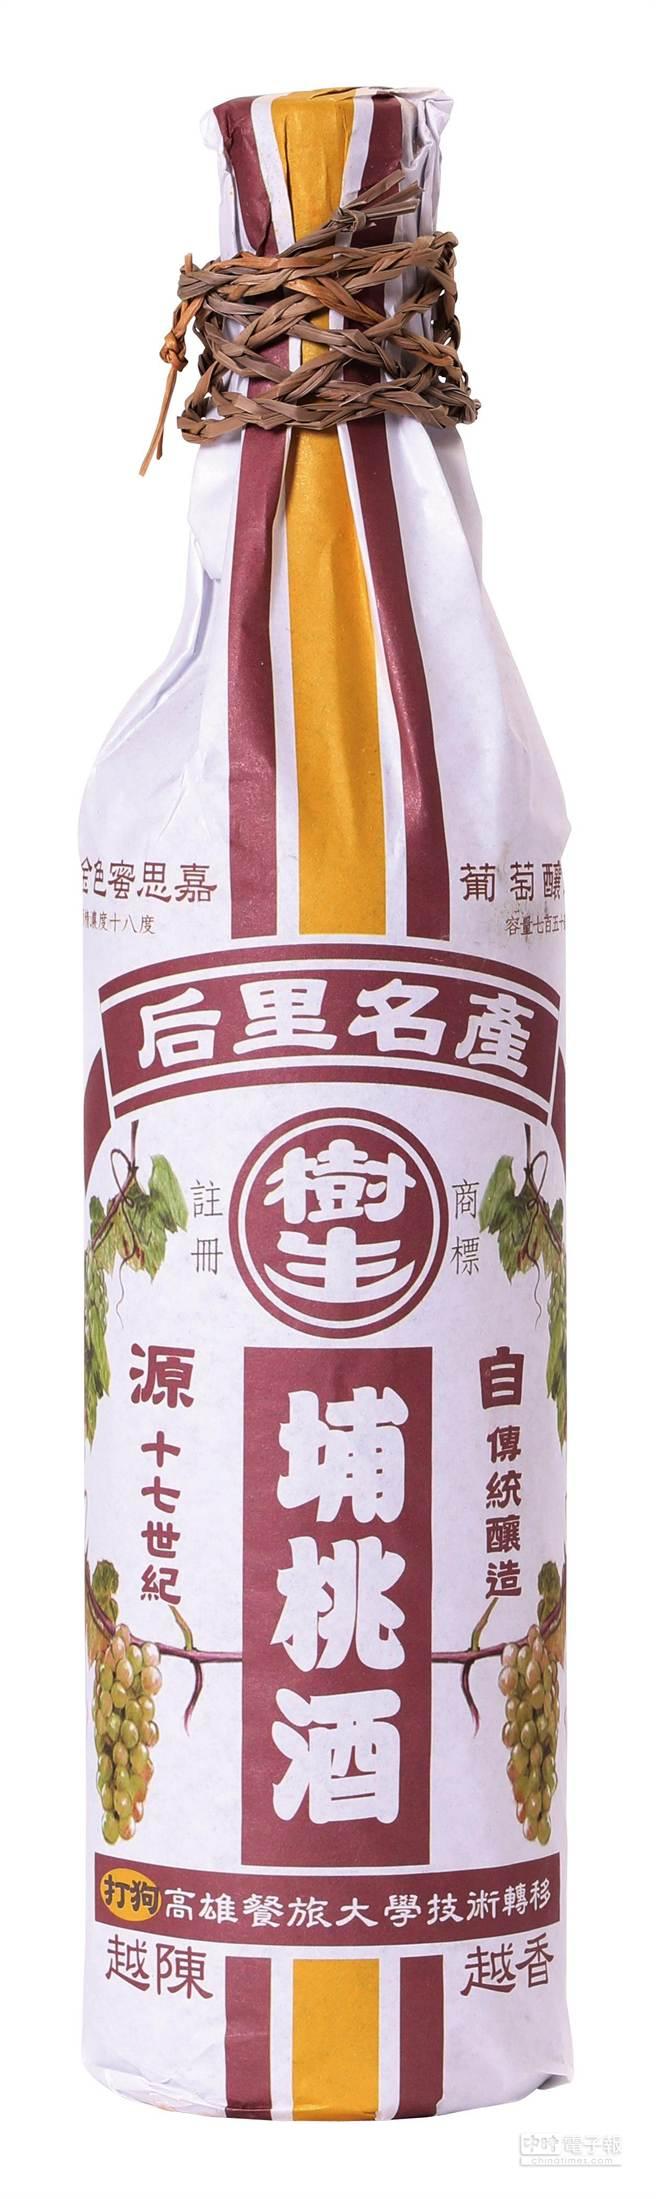 這支100%台灣產製的「埔桃酒」,已在各類國際酒類競賽中得到「三金一銀」的輝煌成續,證明台灣人製酒技術已達國際標準。(圖/陳千浩提供)